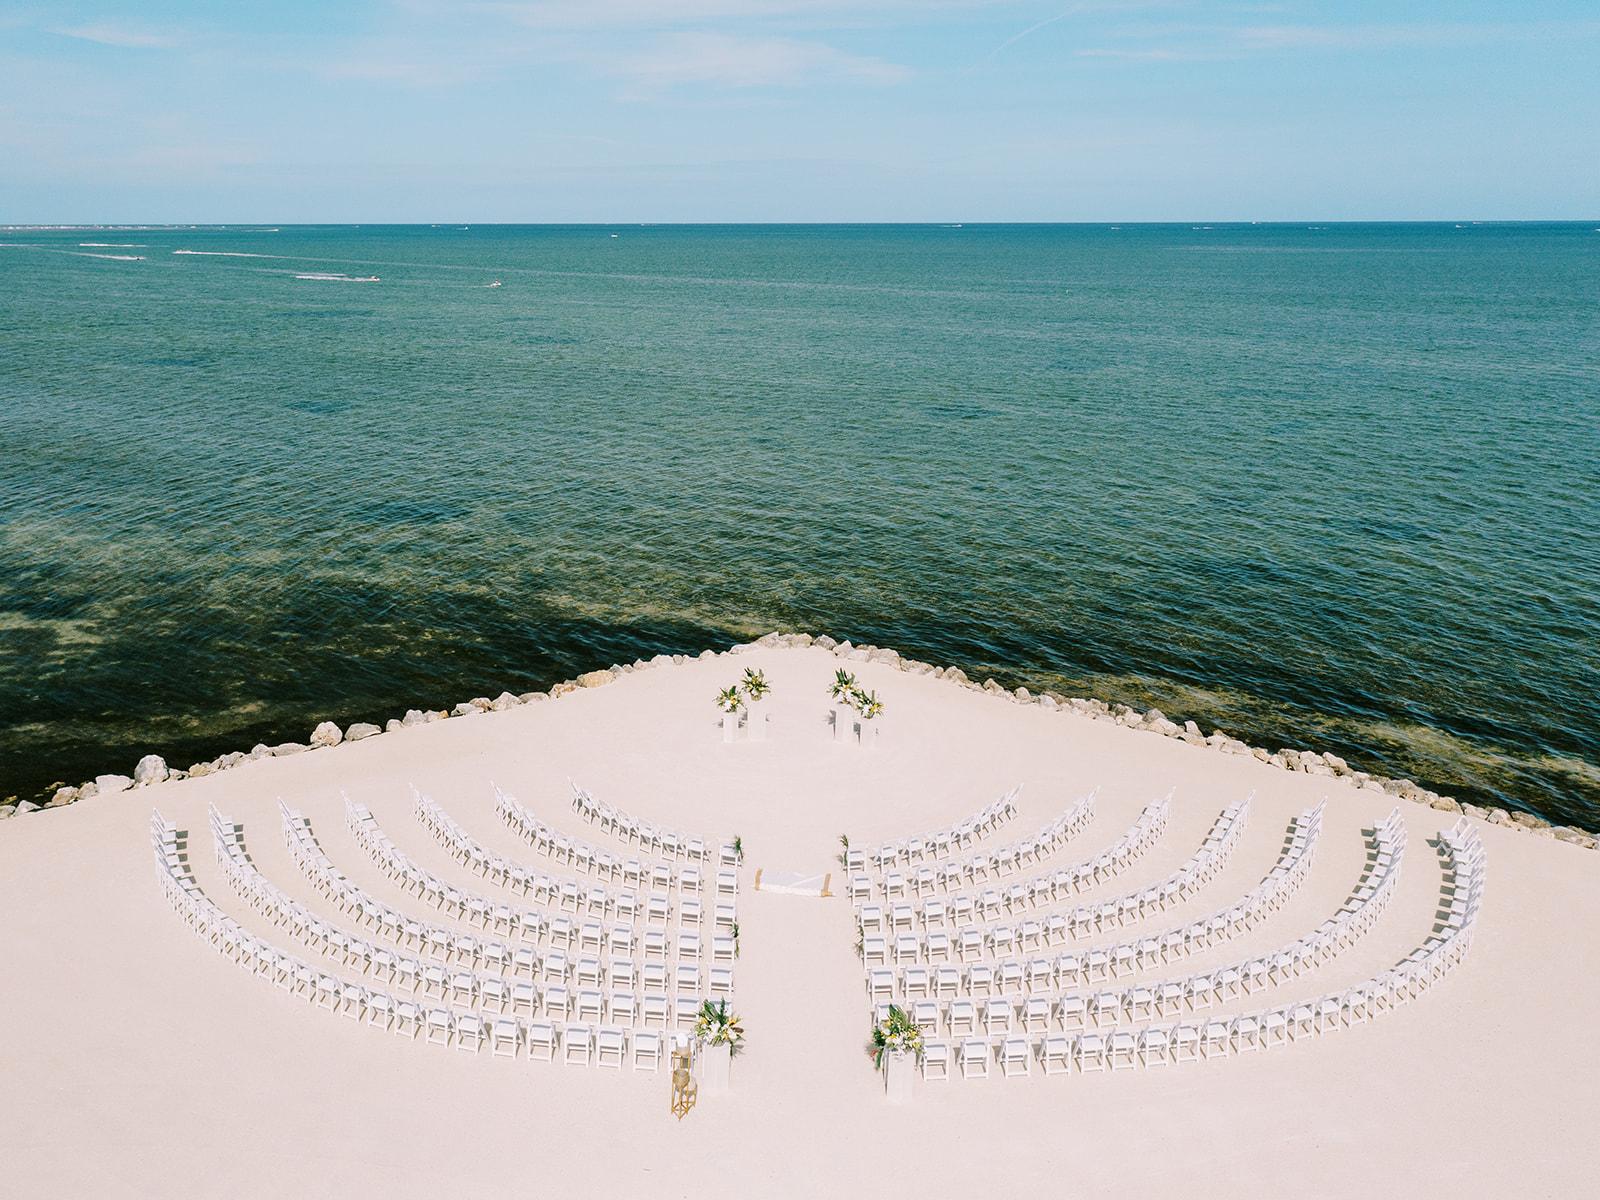 wedding venues in Islamorada, Florida